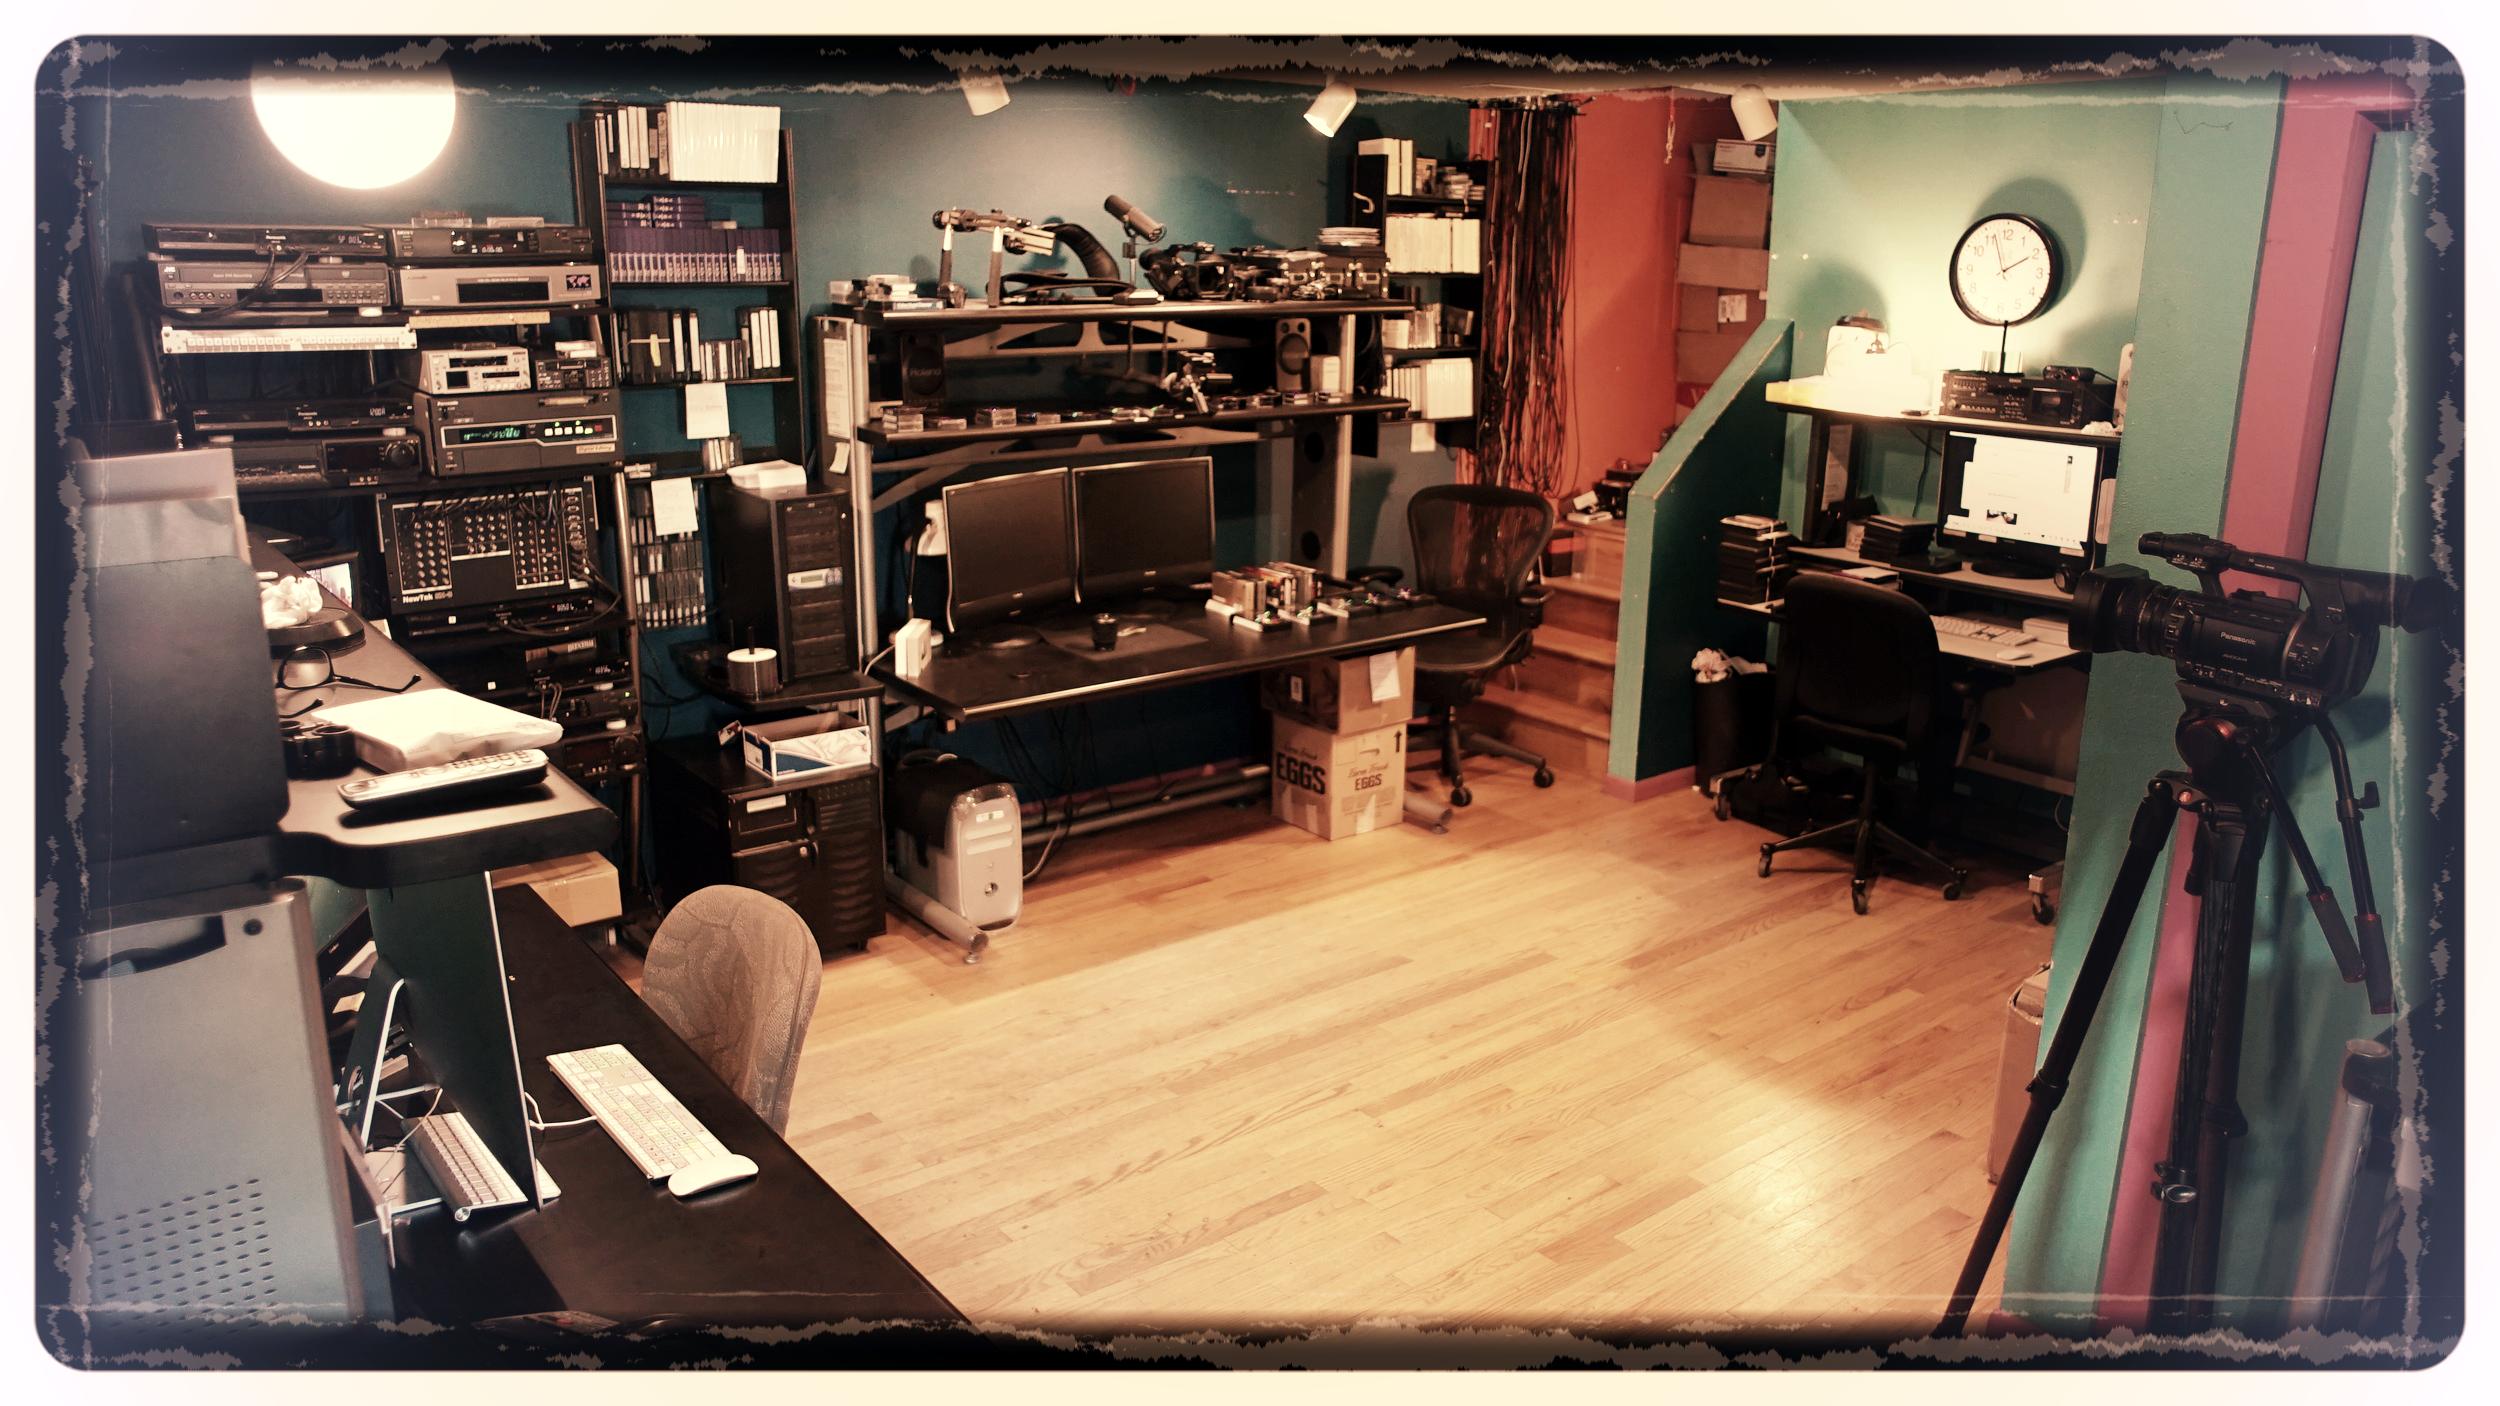 studio wideshot